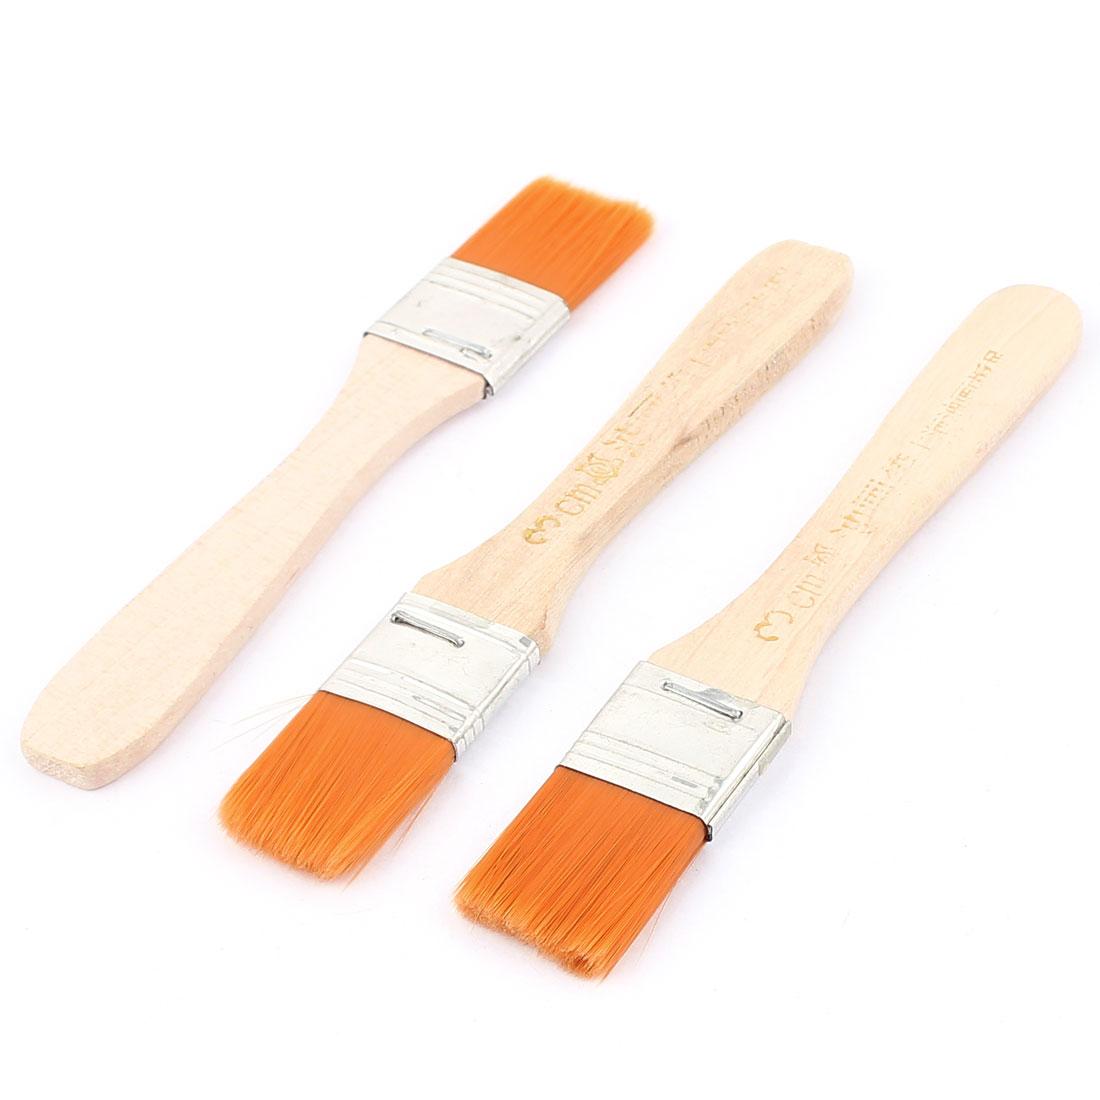 Wood Handle Nylon Oil Painting Paint Brushes Orange 3pcs